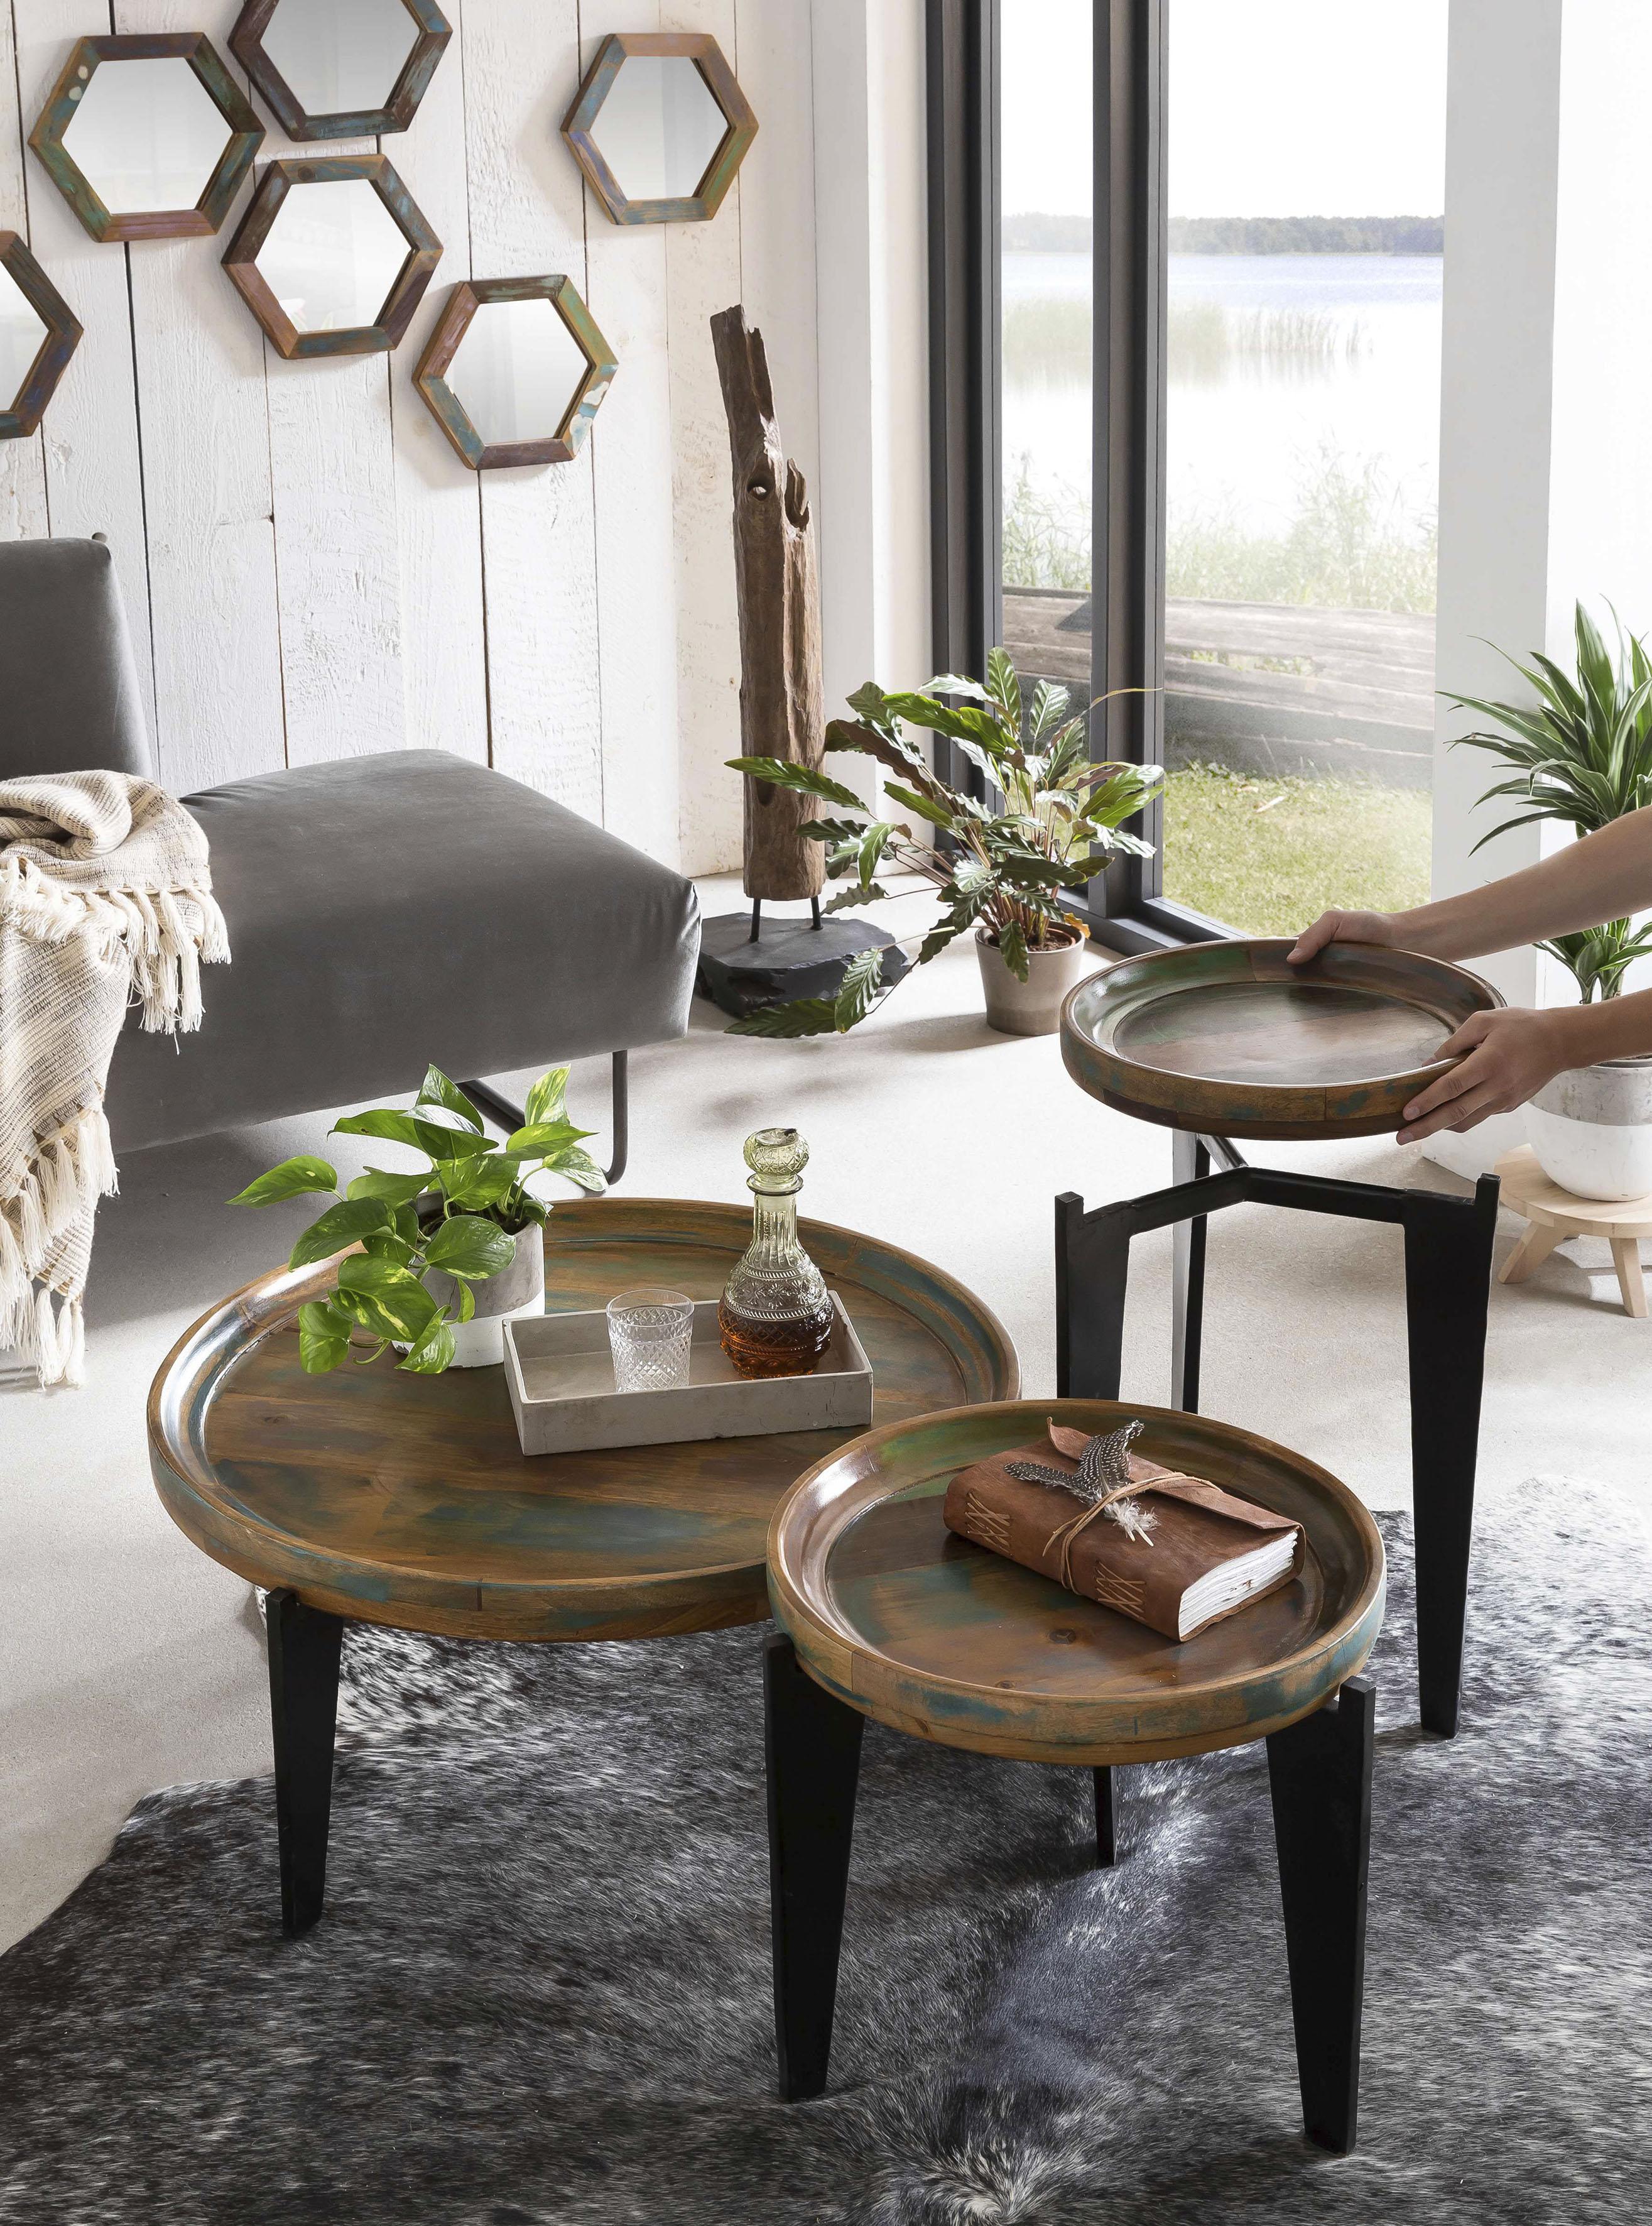 SIT Beistelltisch bunt Beistelltische Tische